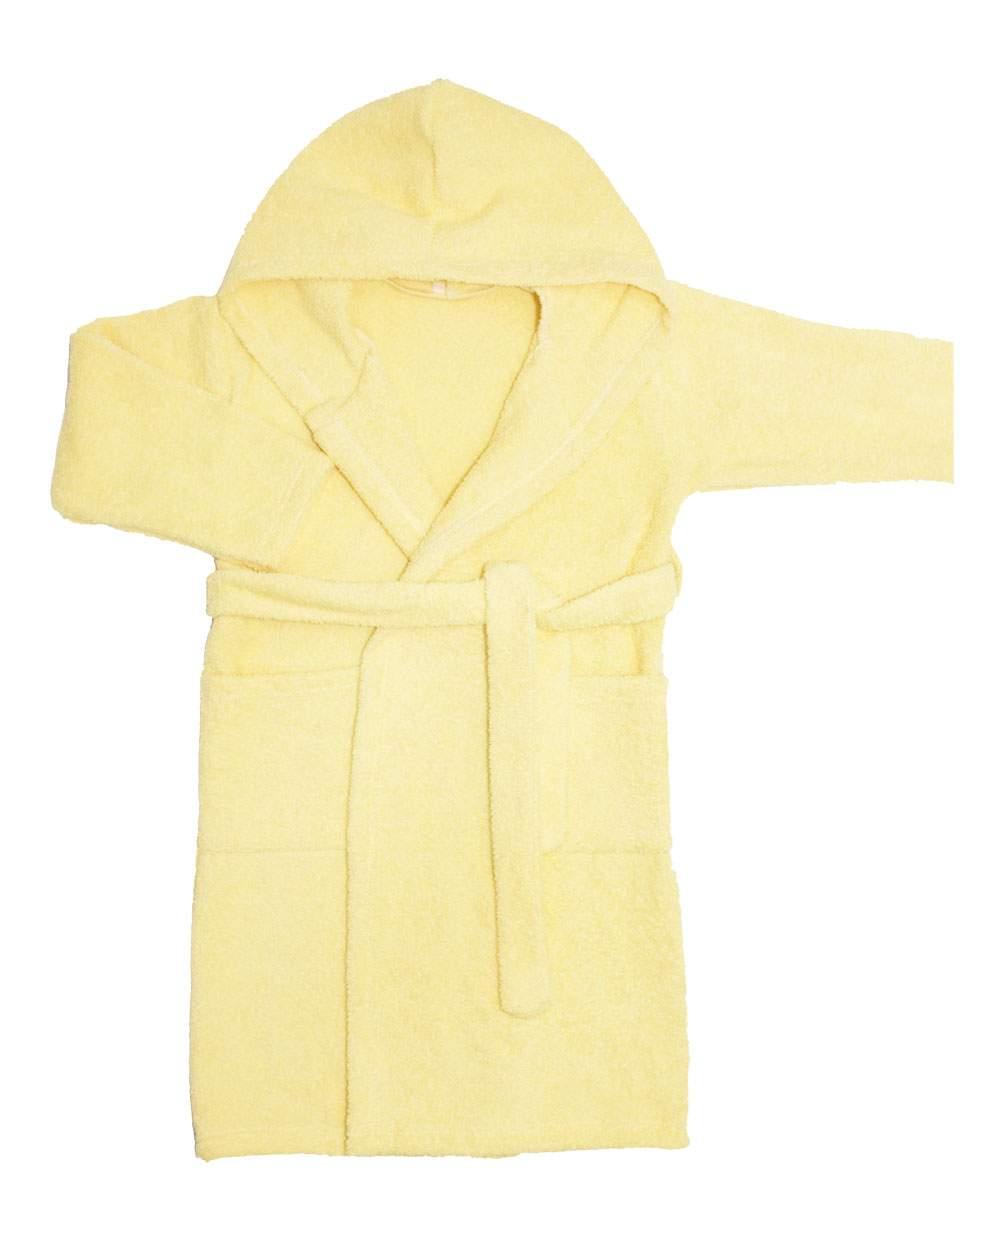 Халат Осьминожка махровый с капюшоном, желтый, 826-04-36/152